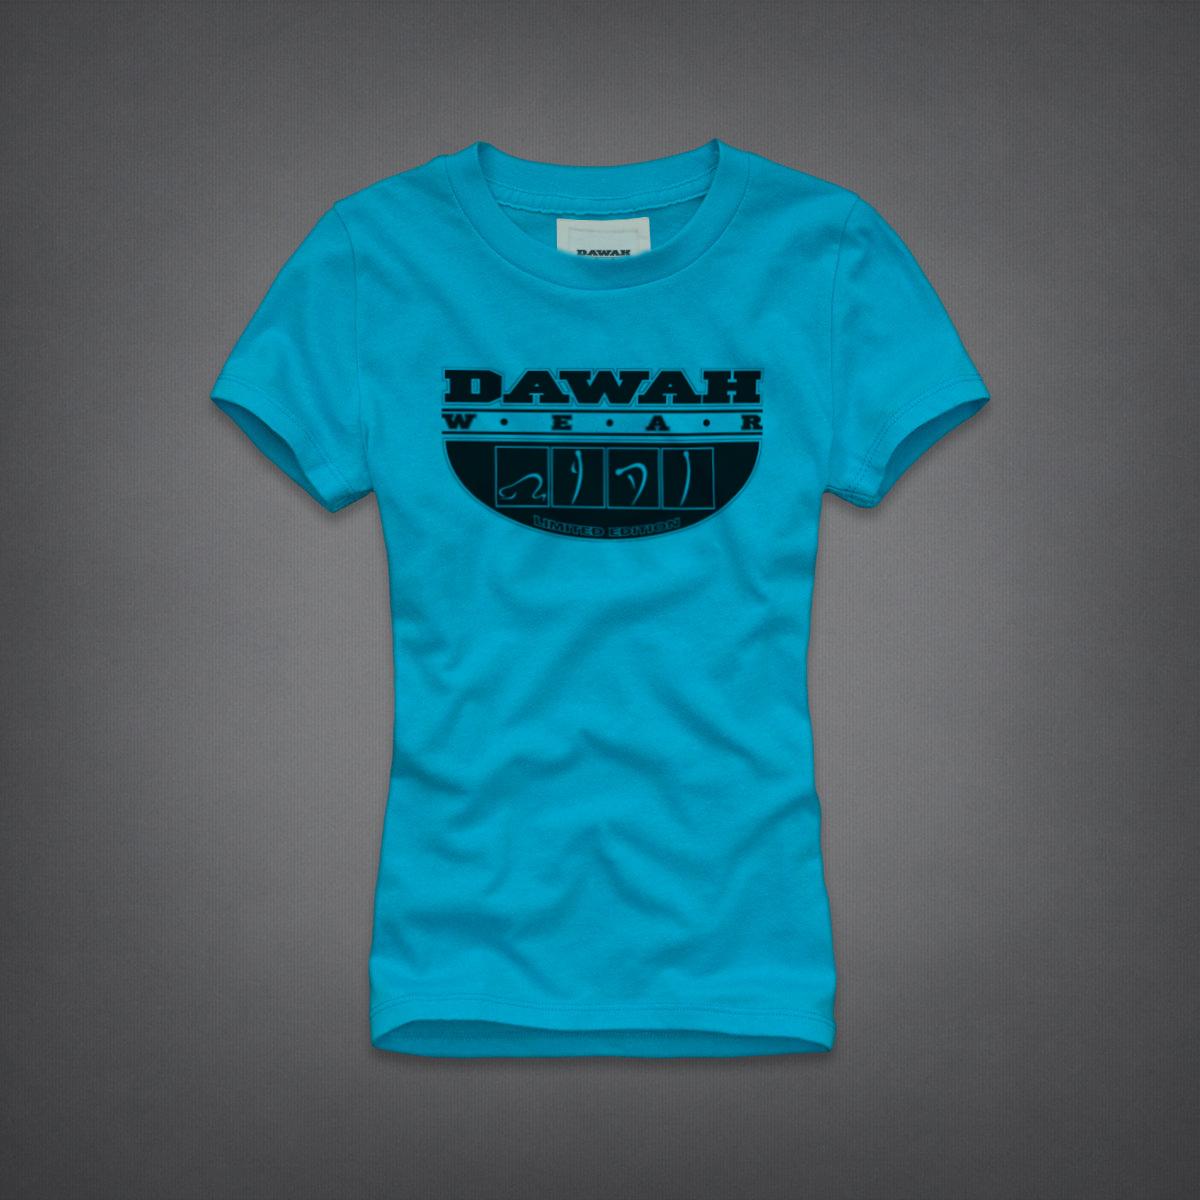 tshirt_1_dawahwear.jpg